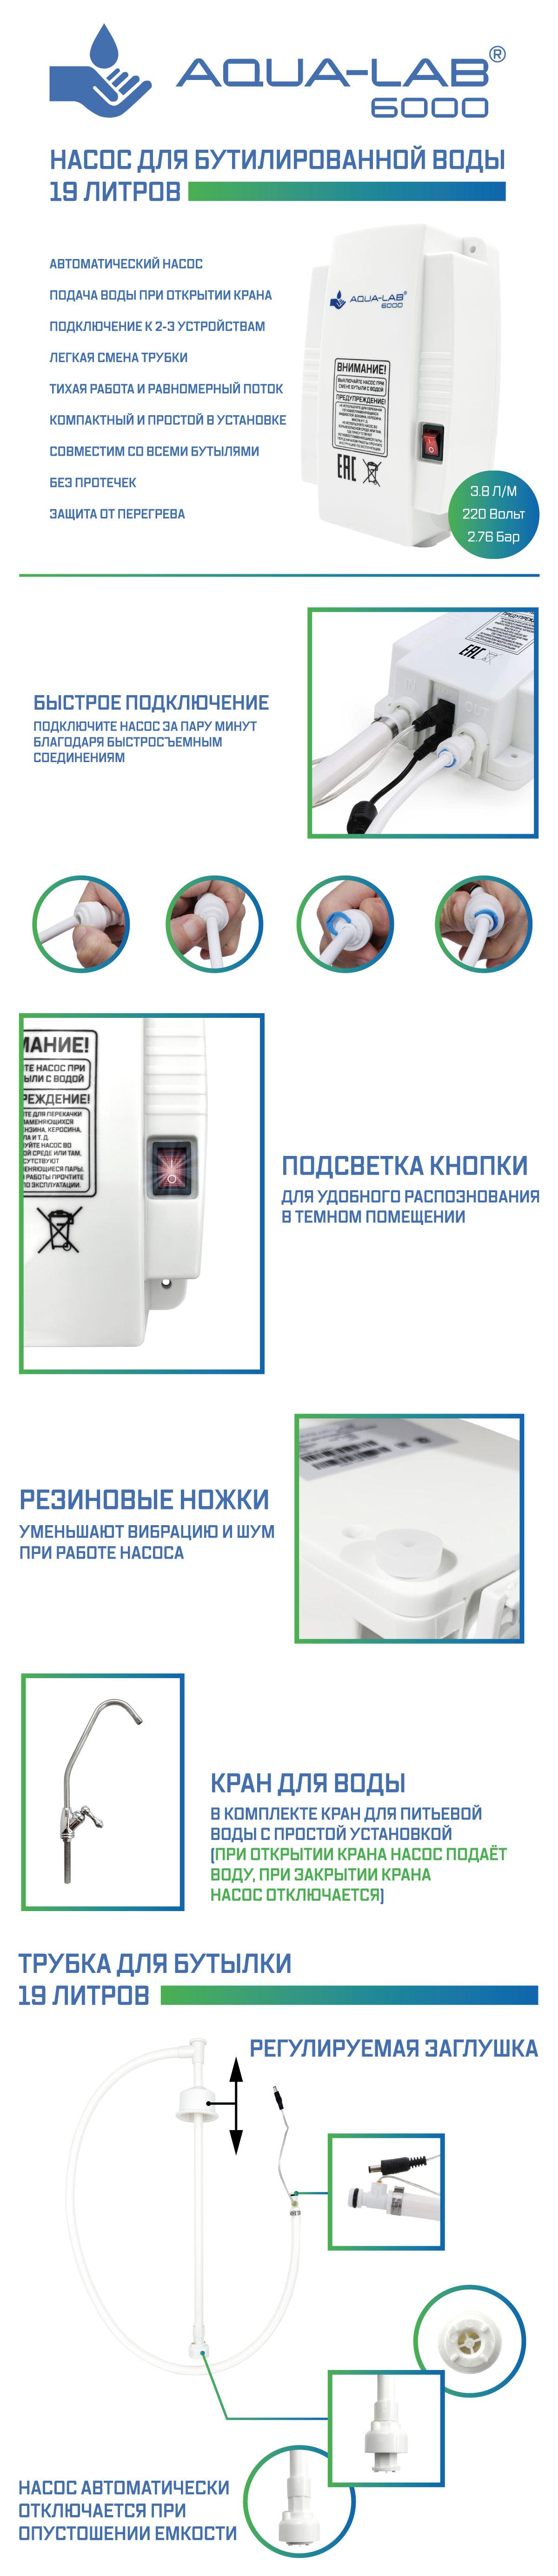 описание насоса aqua-lab aq-6000 1ч